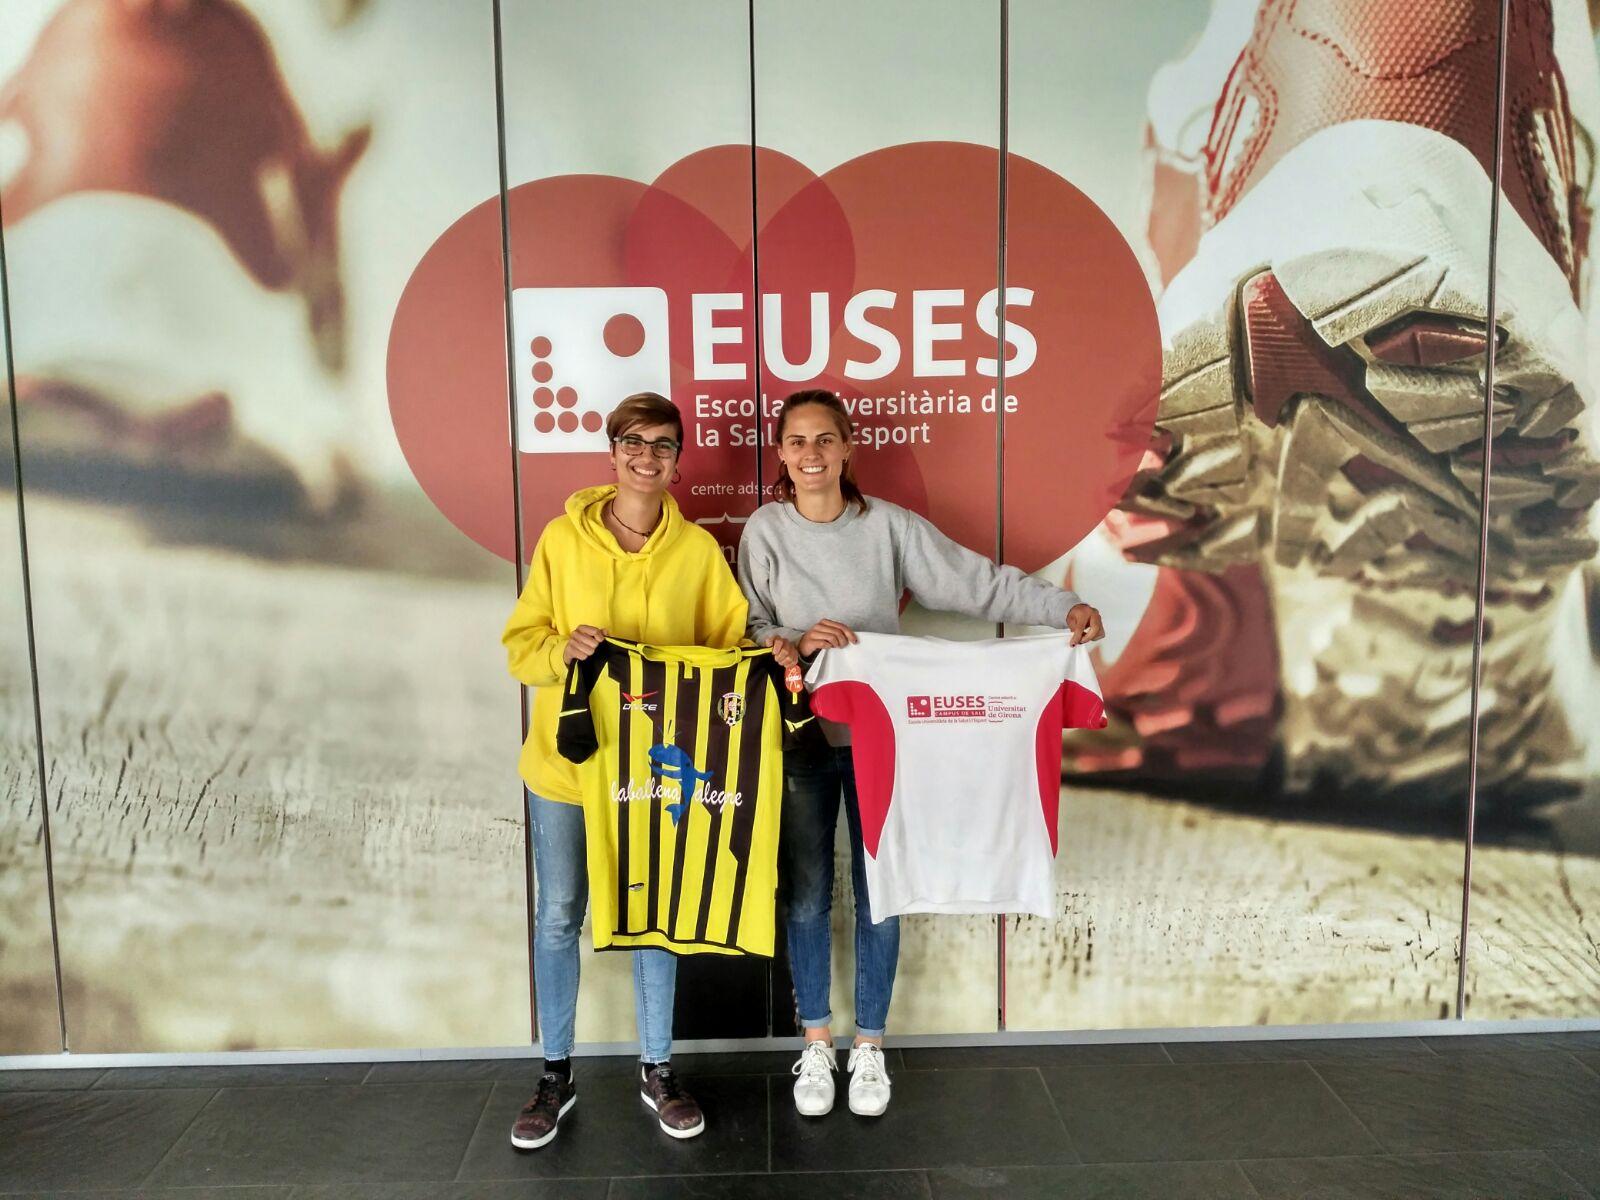 Blanca Cros i Marina Poyato, estudiants de 2n de CAFE a EUSES, obtenen l'ascens a segona divisió amb el Sant Pere Pescador